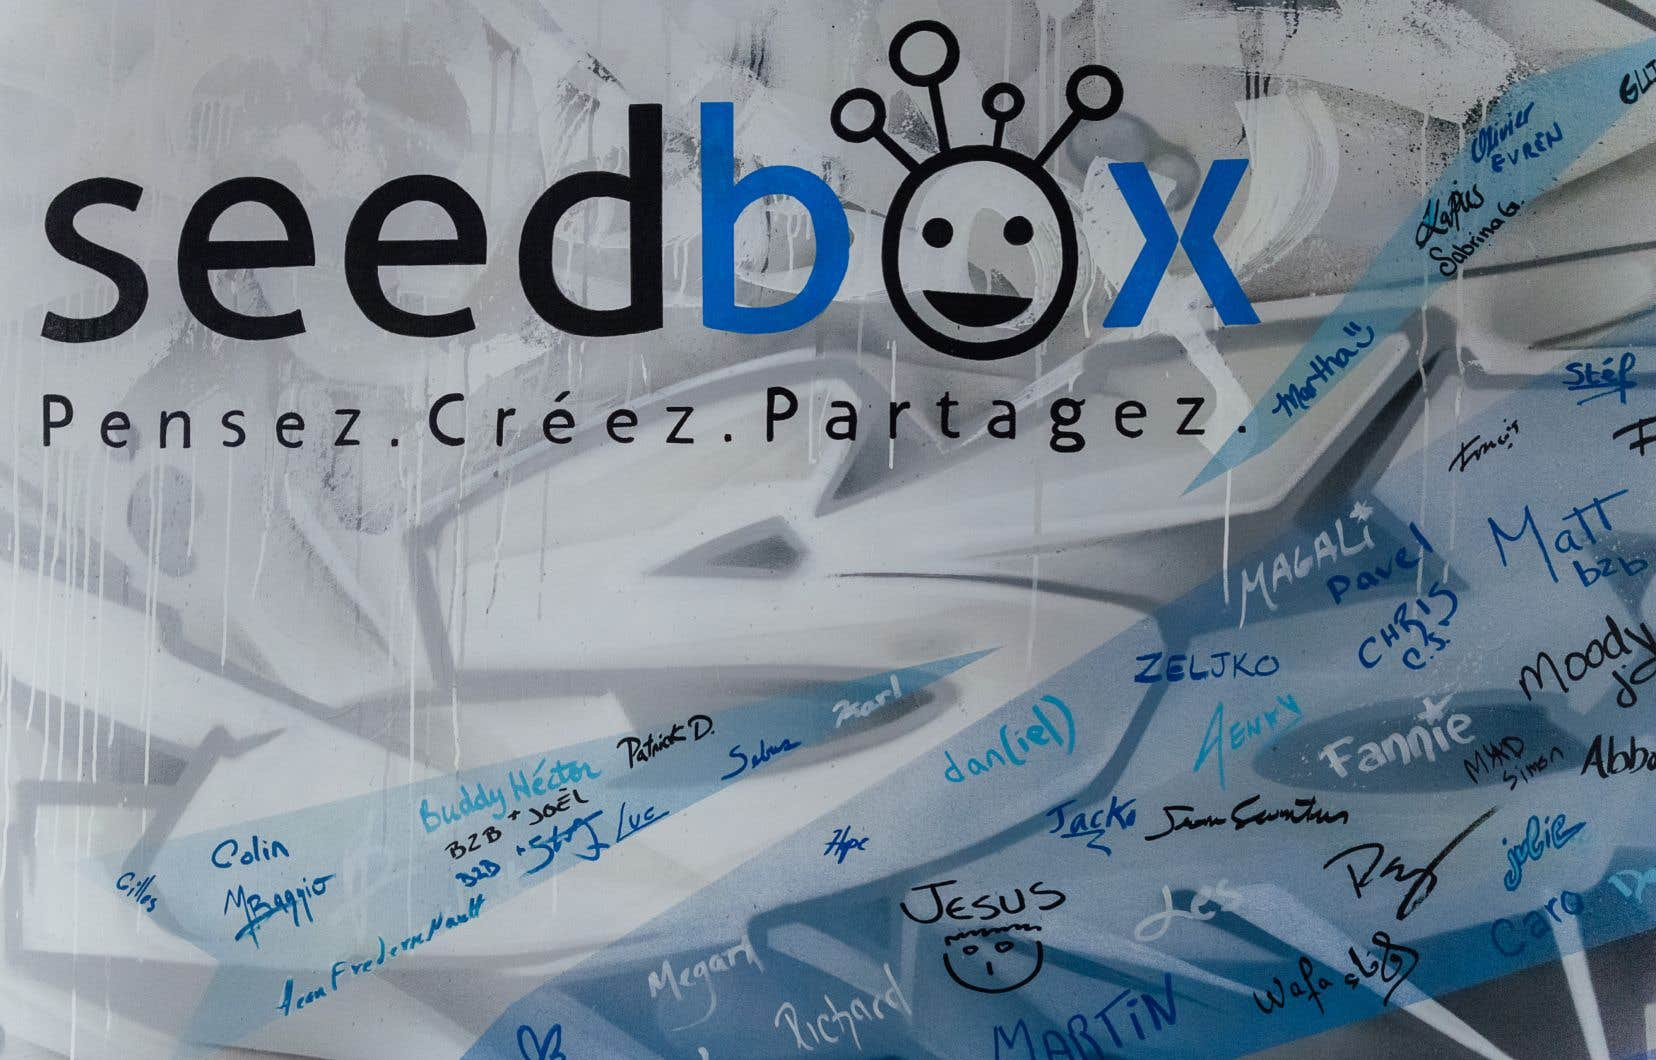 L'entrepriseTechnologies Seedbox permet de dissocierles activités pornographiques de l'aspect financier de la compagnie, selonAlan McKee, professeur au département Médias numériques et sociaux à l'Université de technologie de Sydney, en Australie.